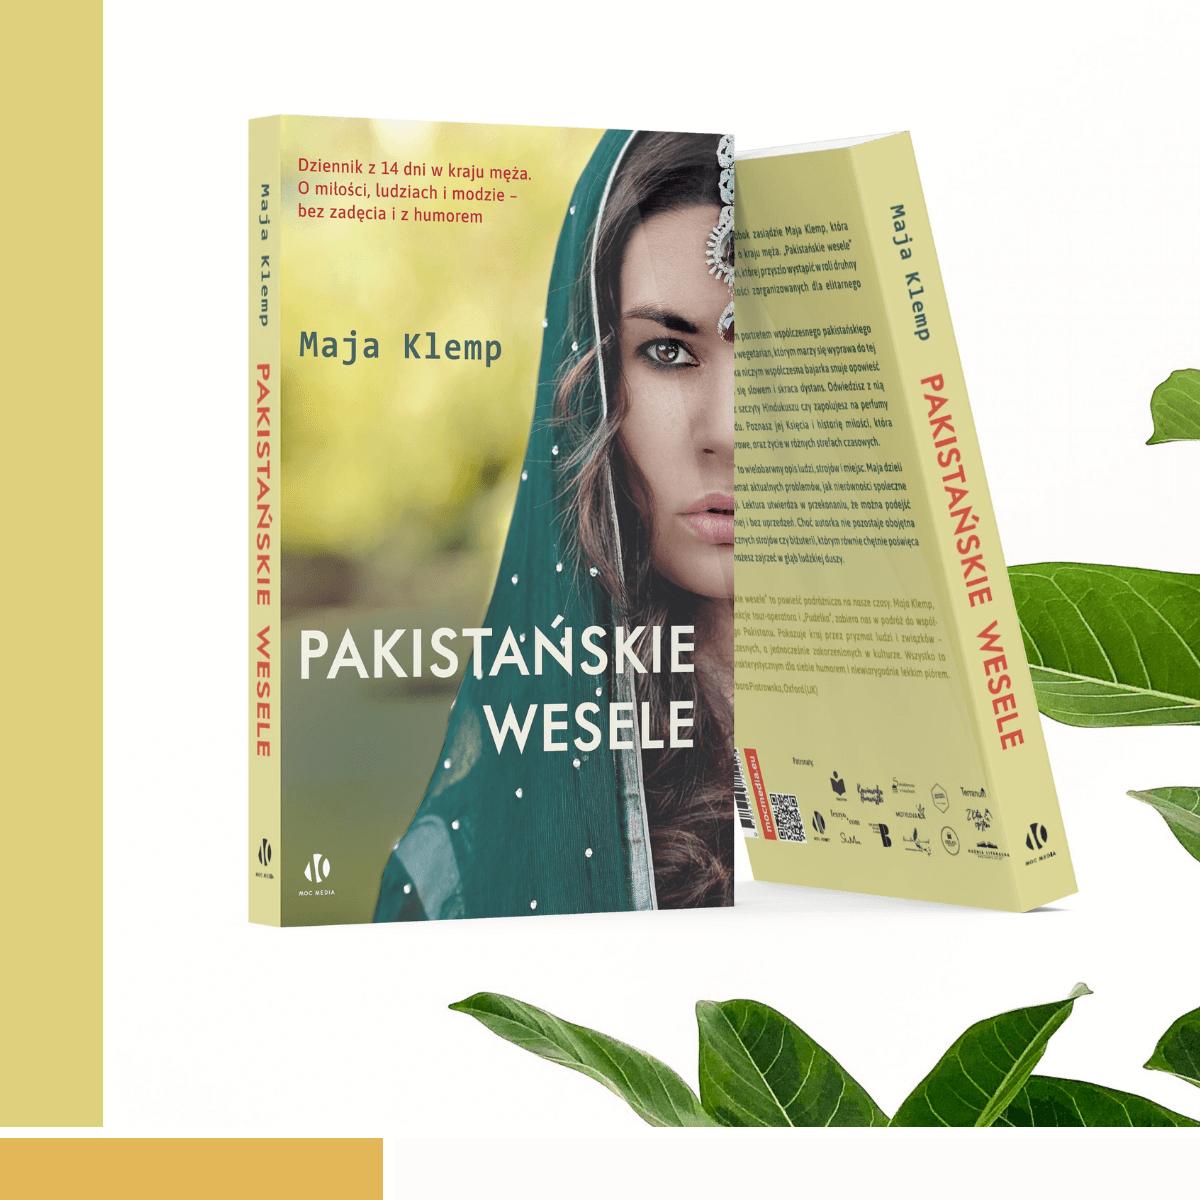 książka maja klemp pakistańskie wesele wydawnictwo moc media